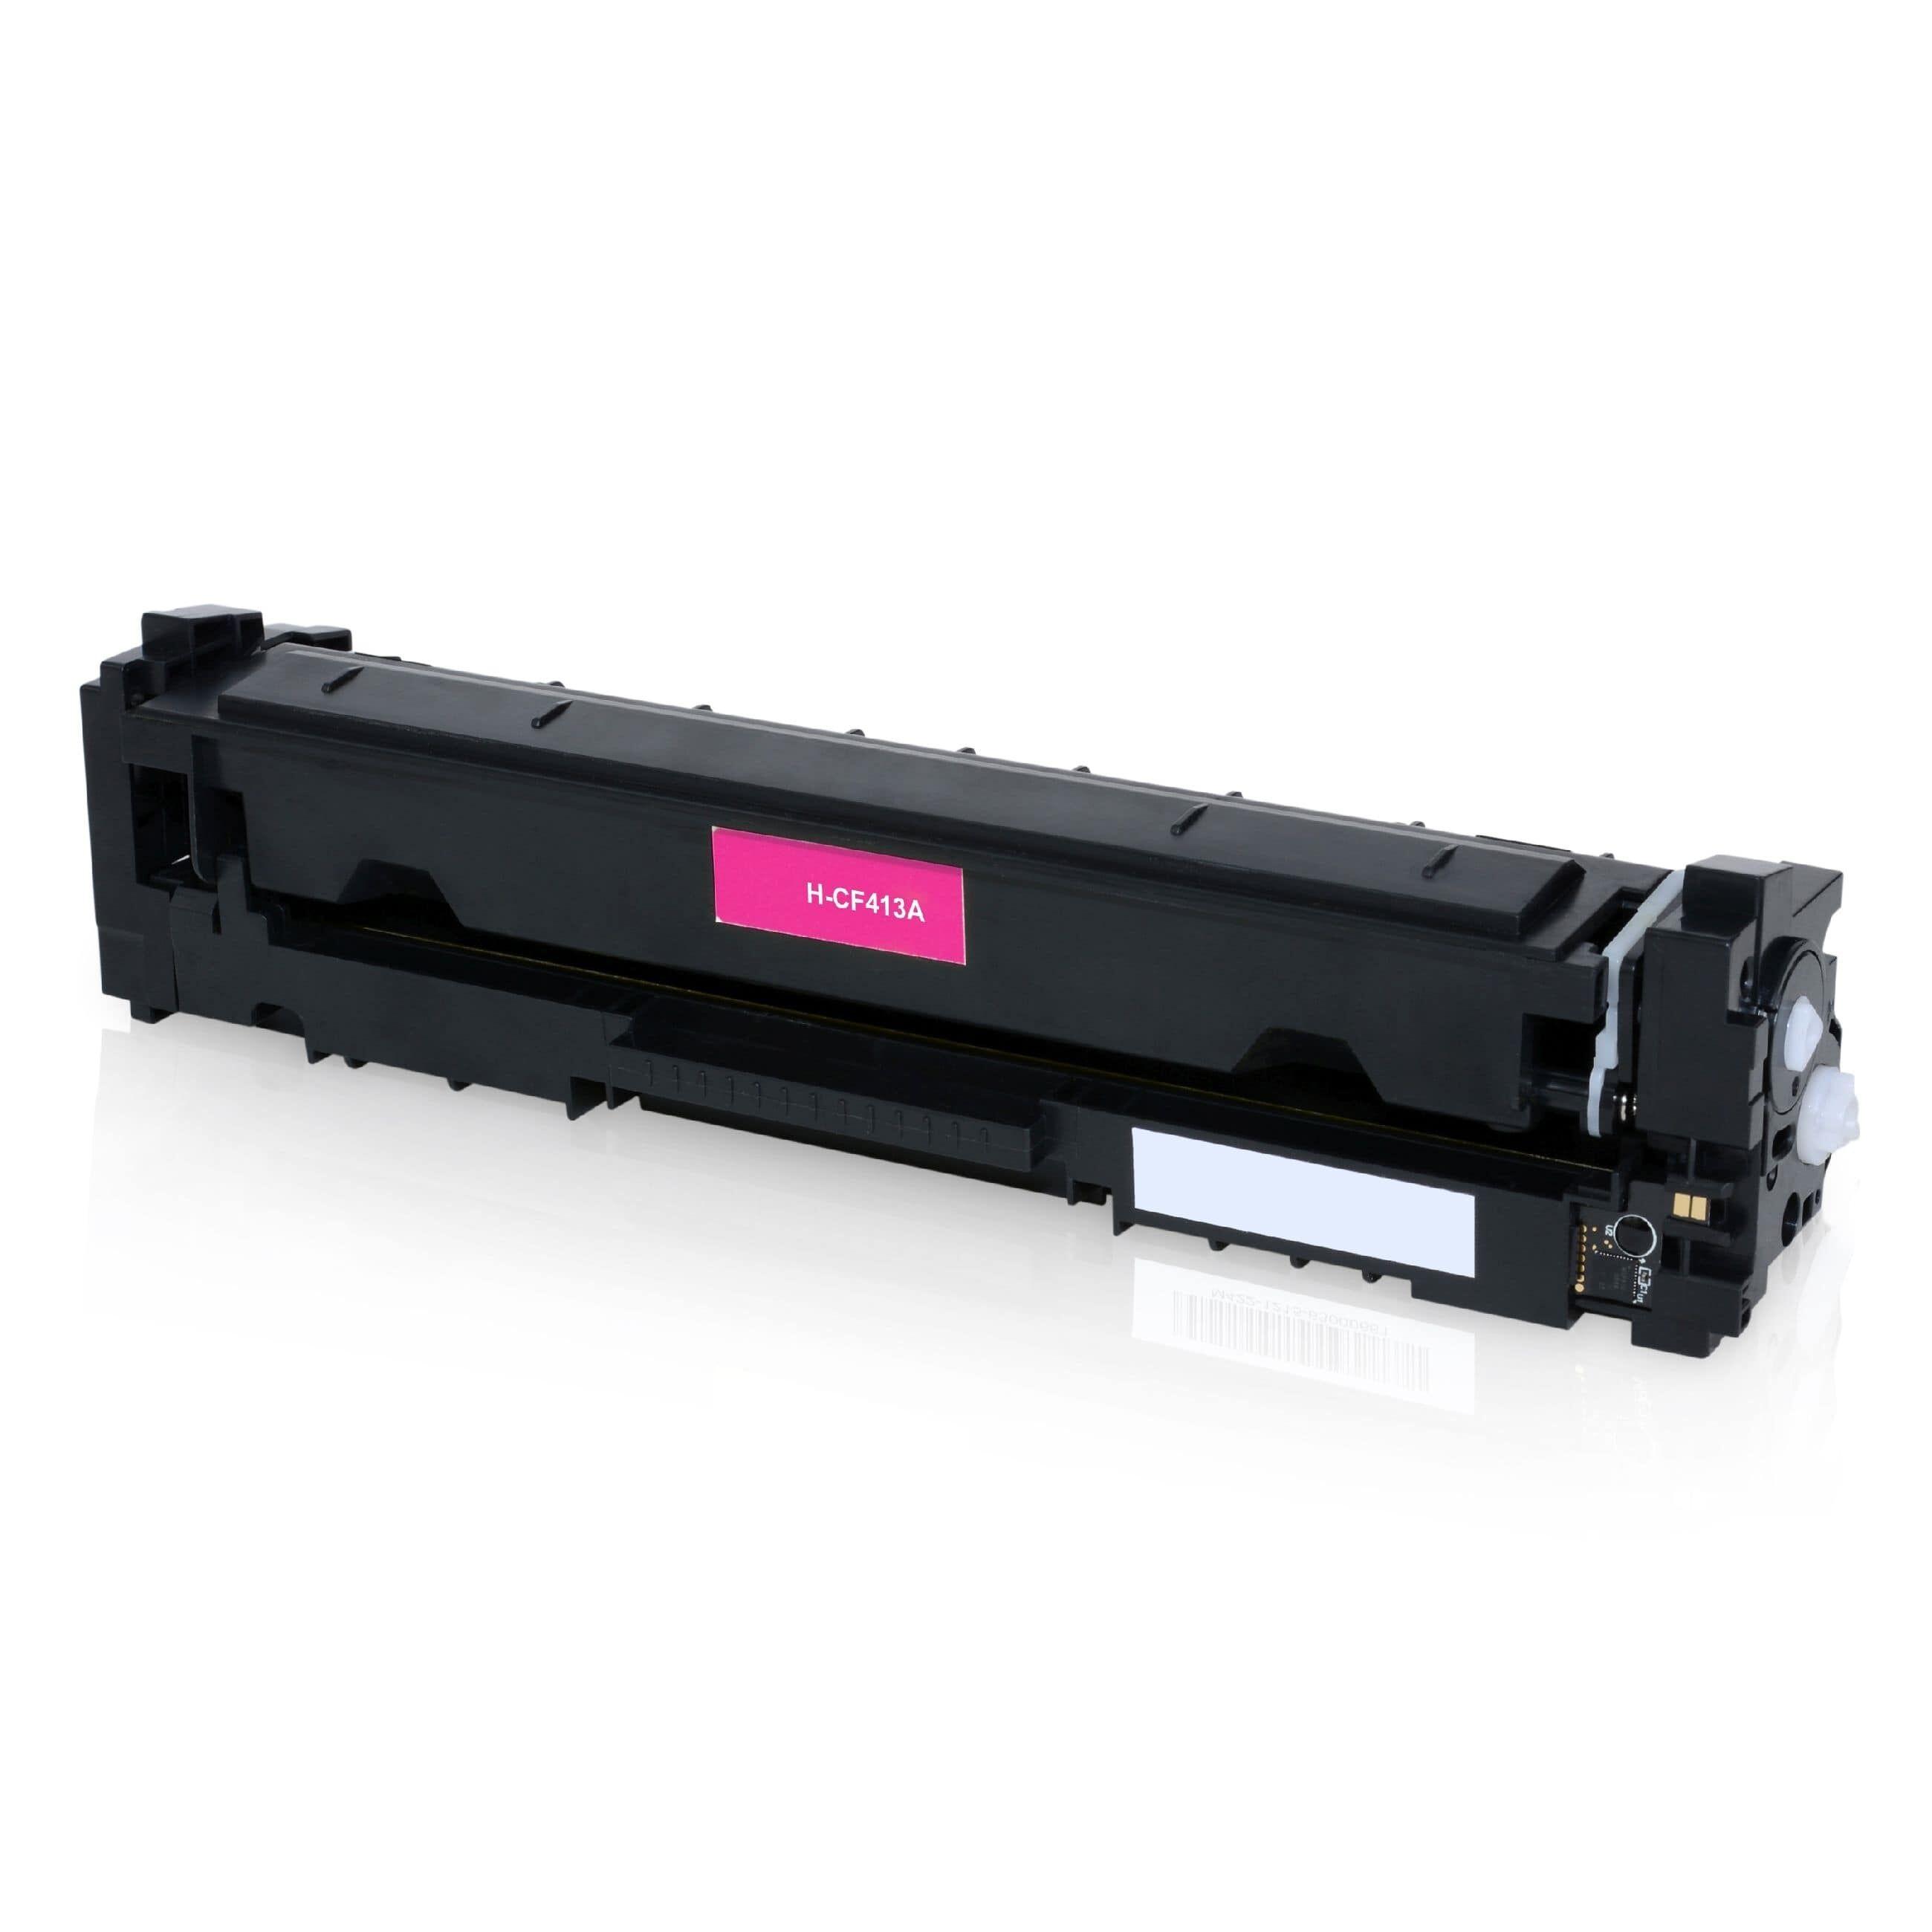 HP Cartouche de Toner pour HP CF413A / 410A magenta compatible (de marque ASC)